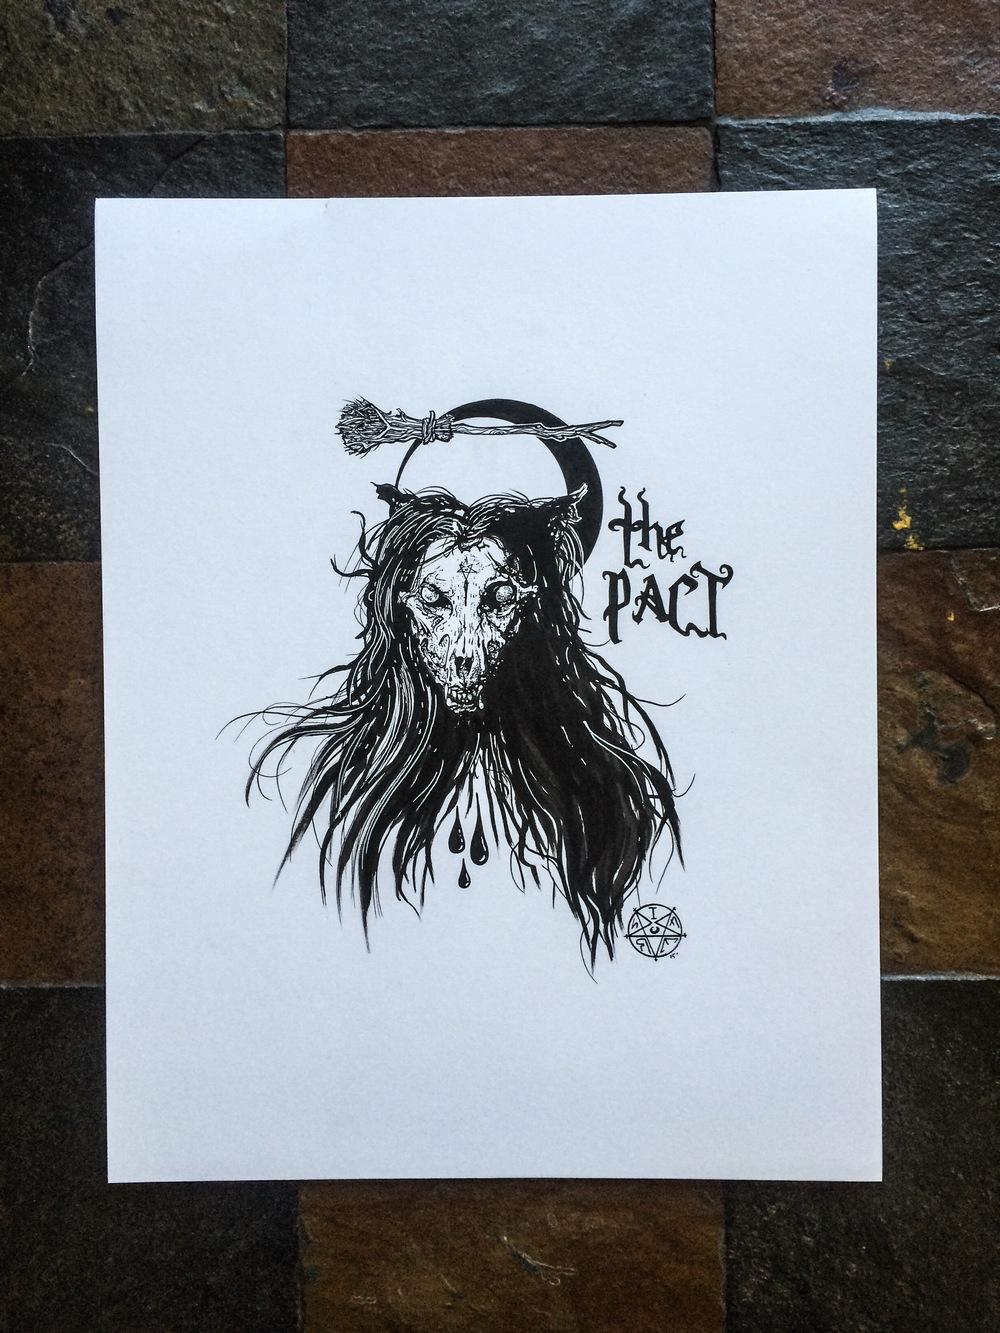 thepact.JPG